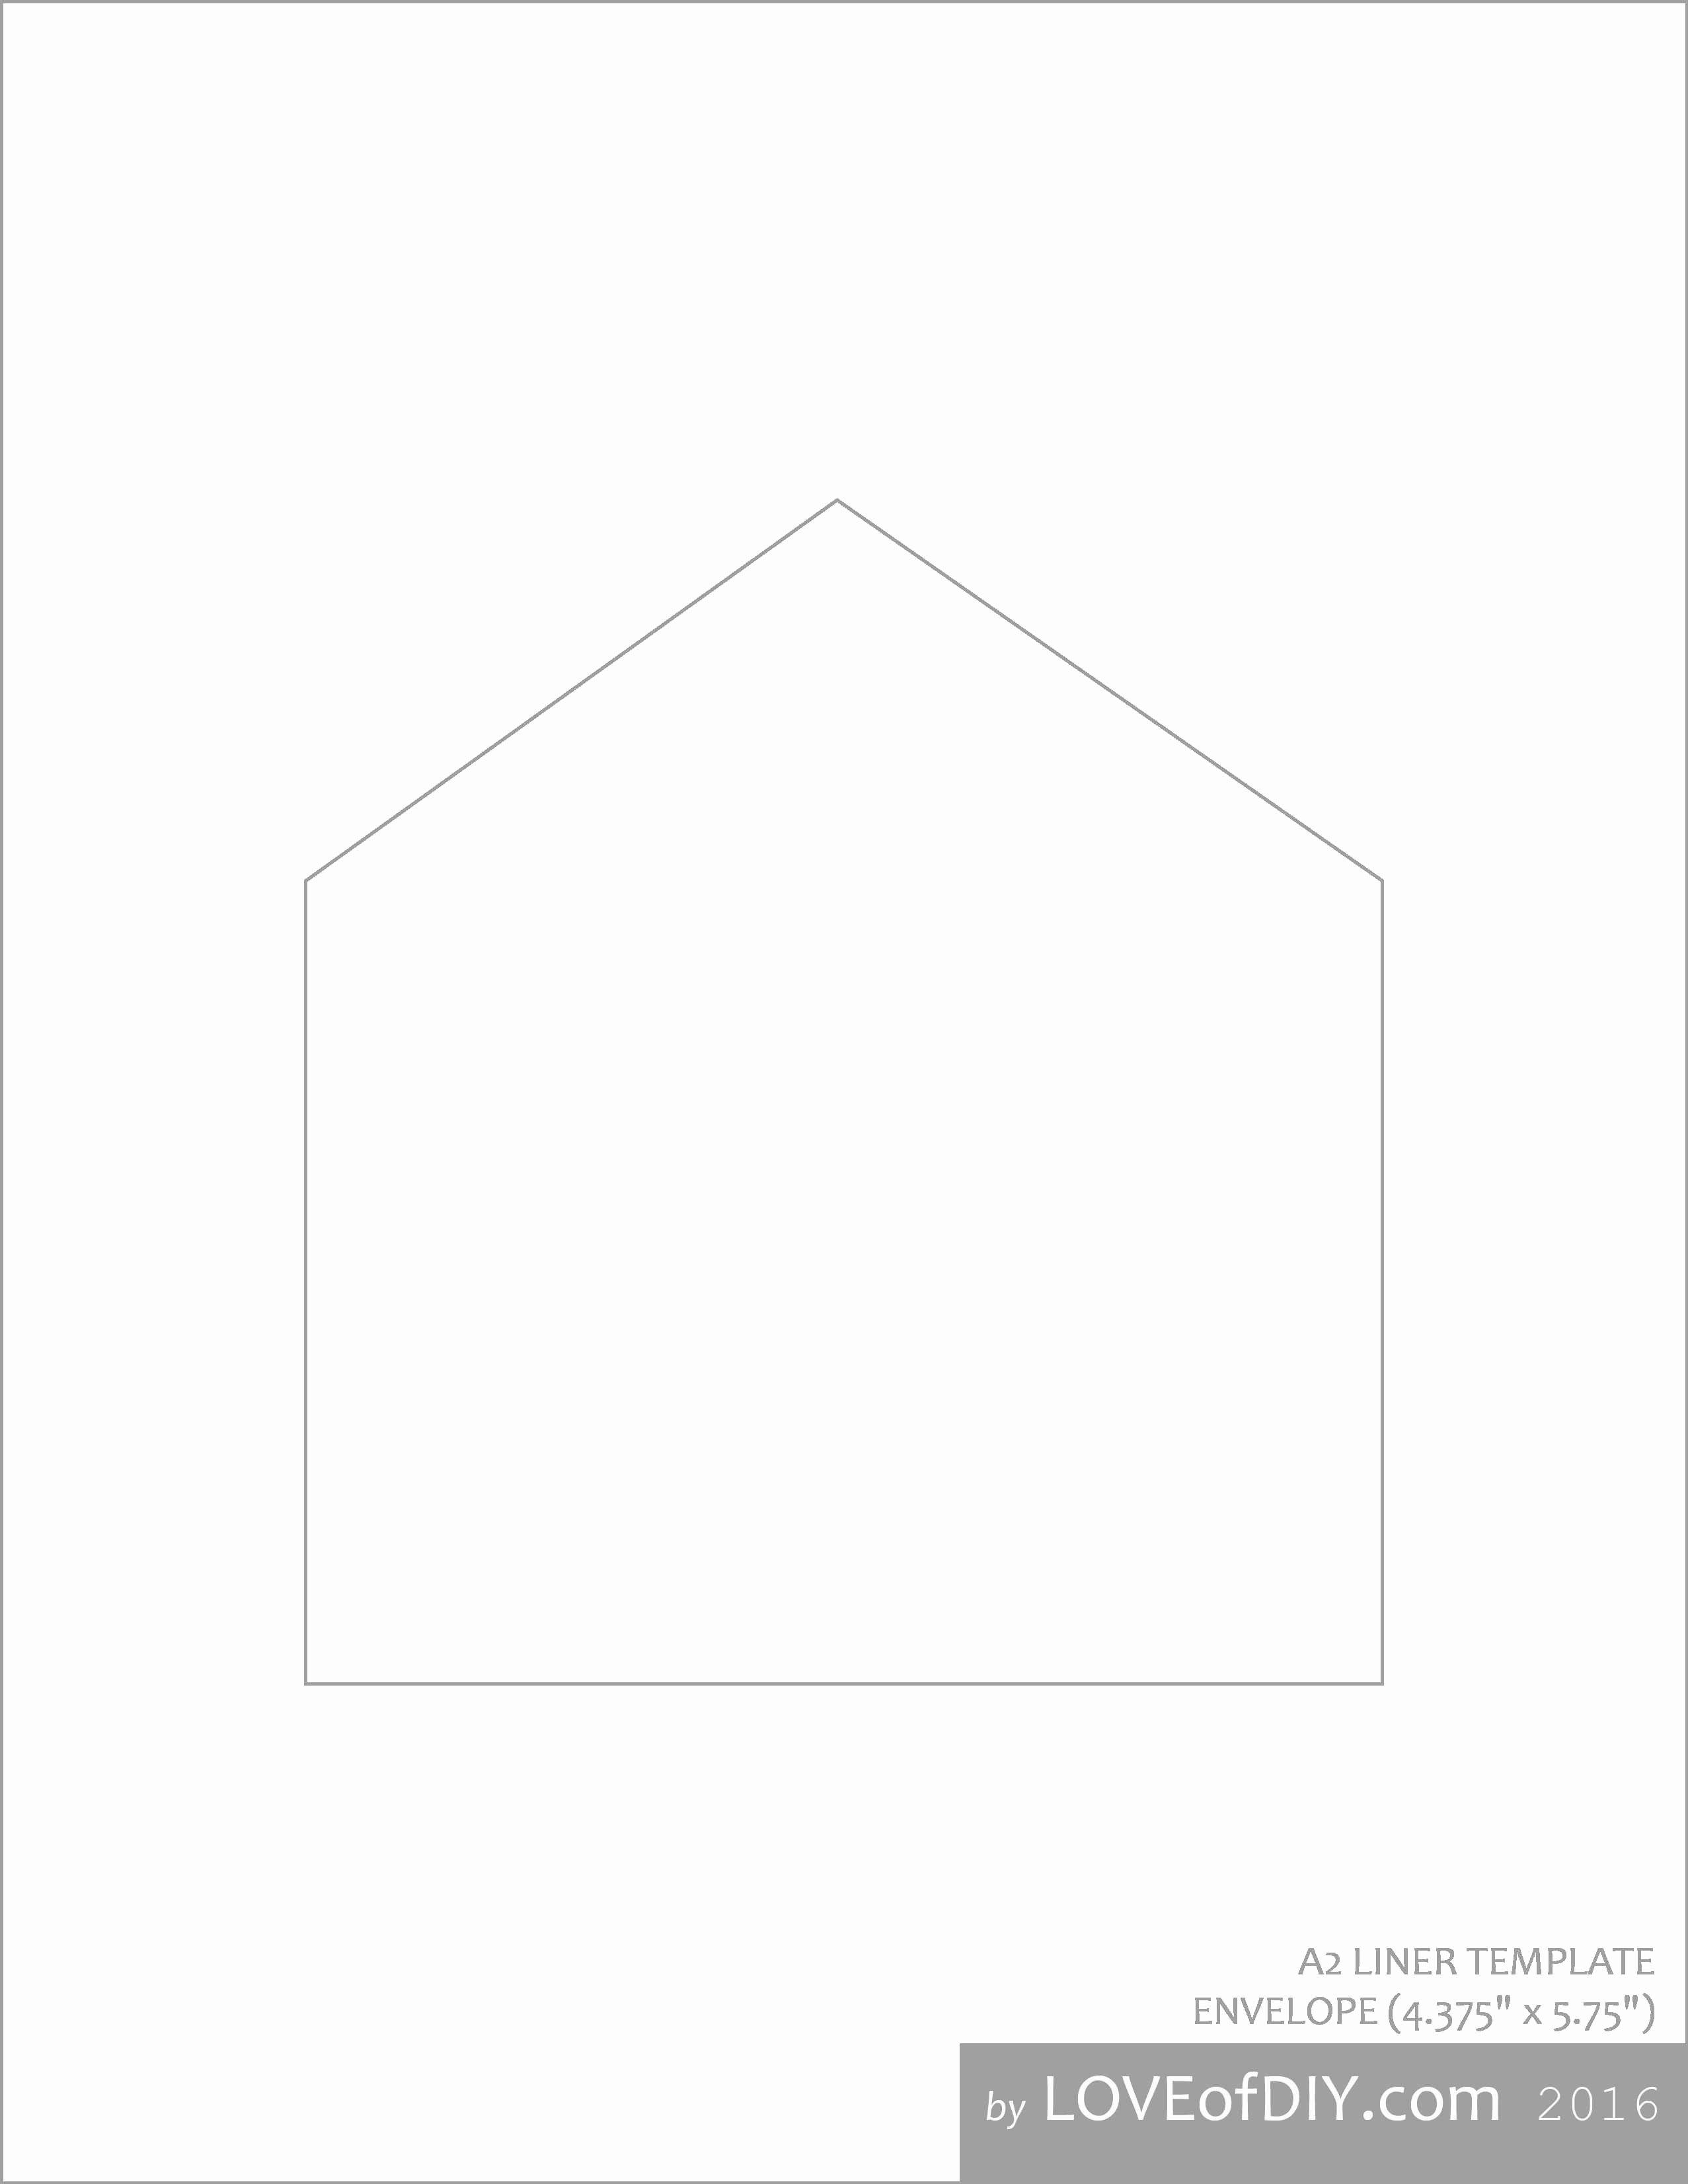 A2 Envelope Template Word Elegant Best A7 Envelope Liner Template Download